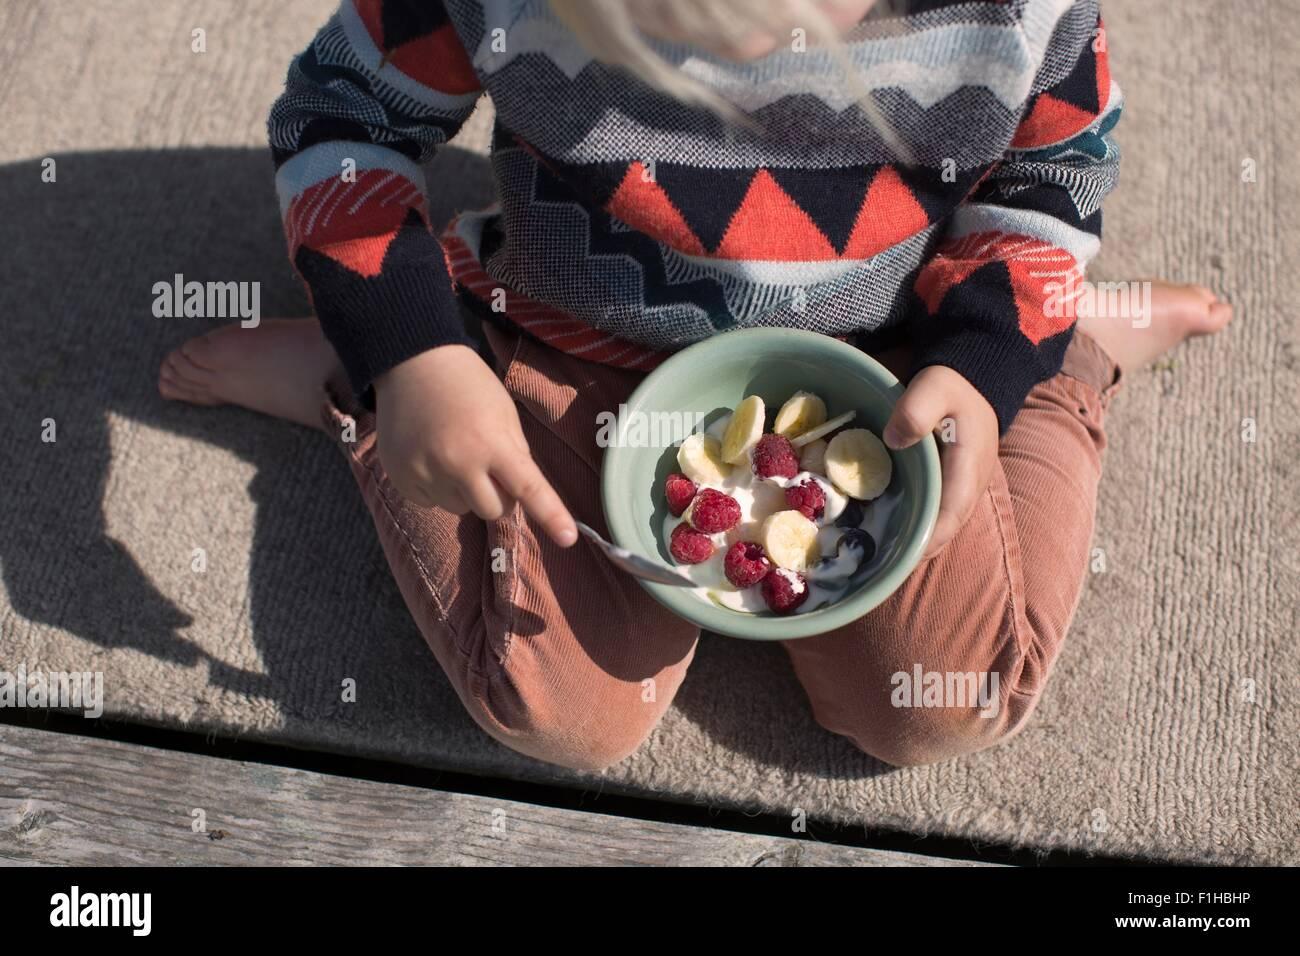 Junge mit Obstschale, hoher Winkel Stockfoto